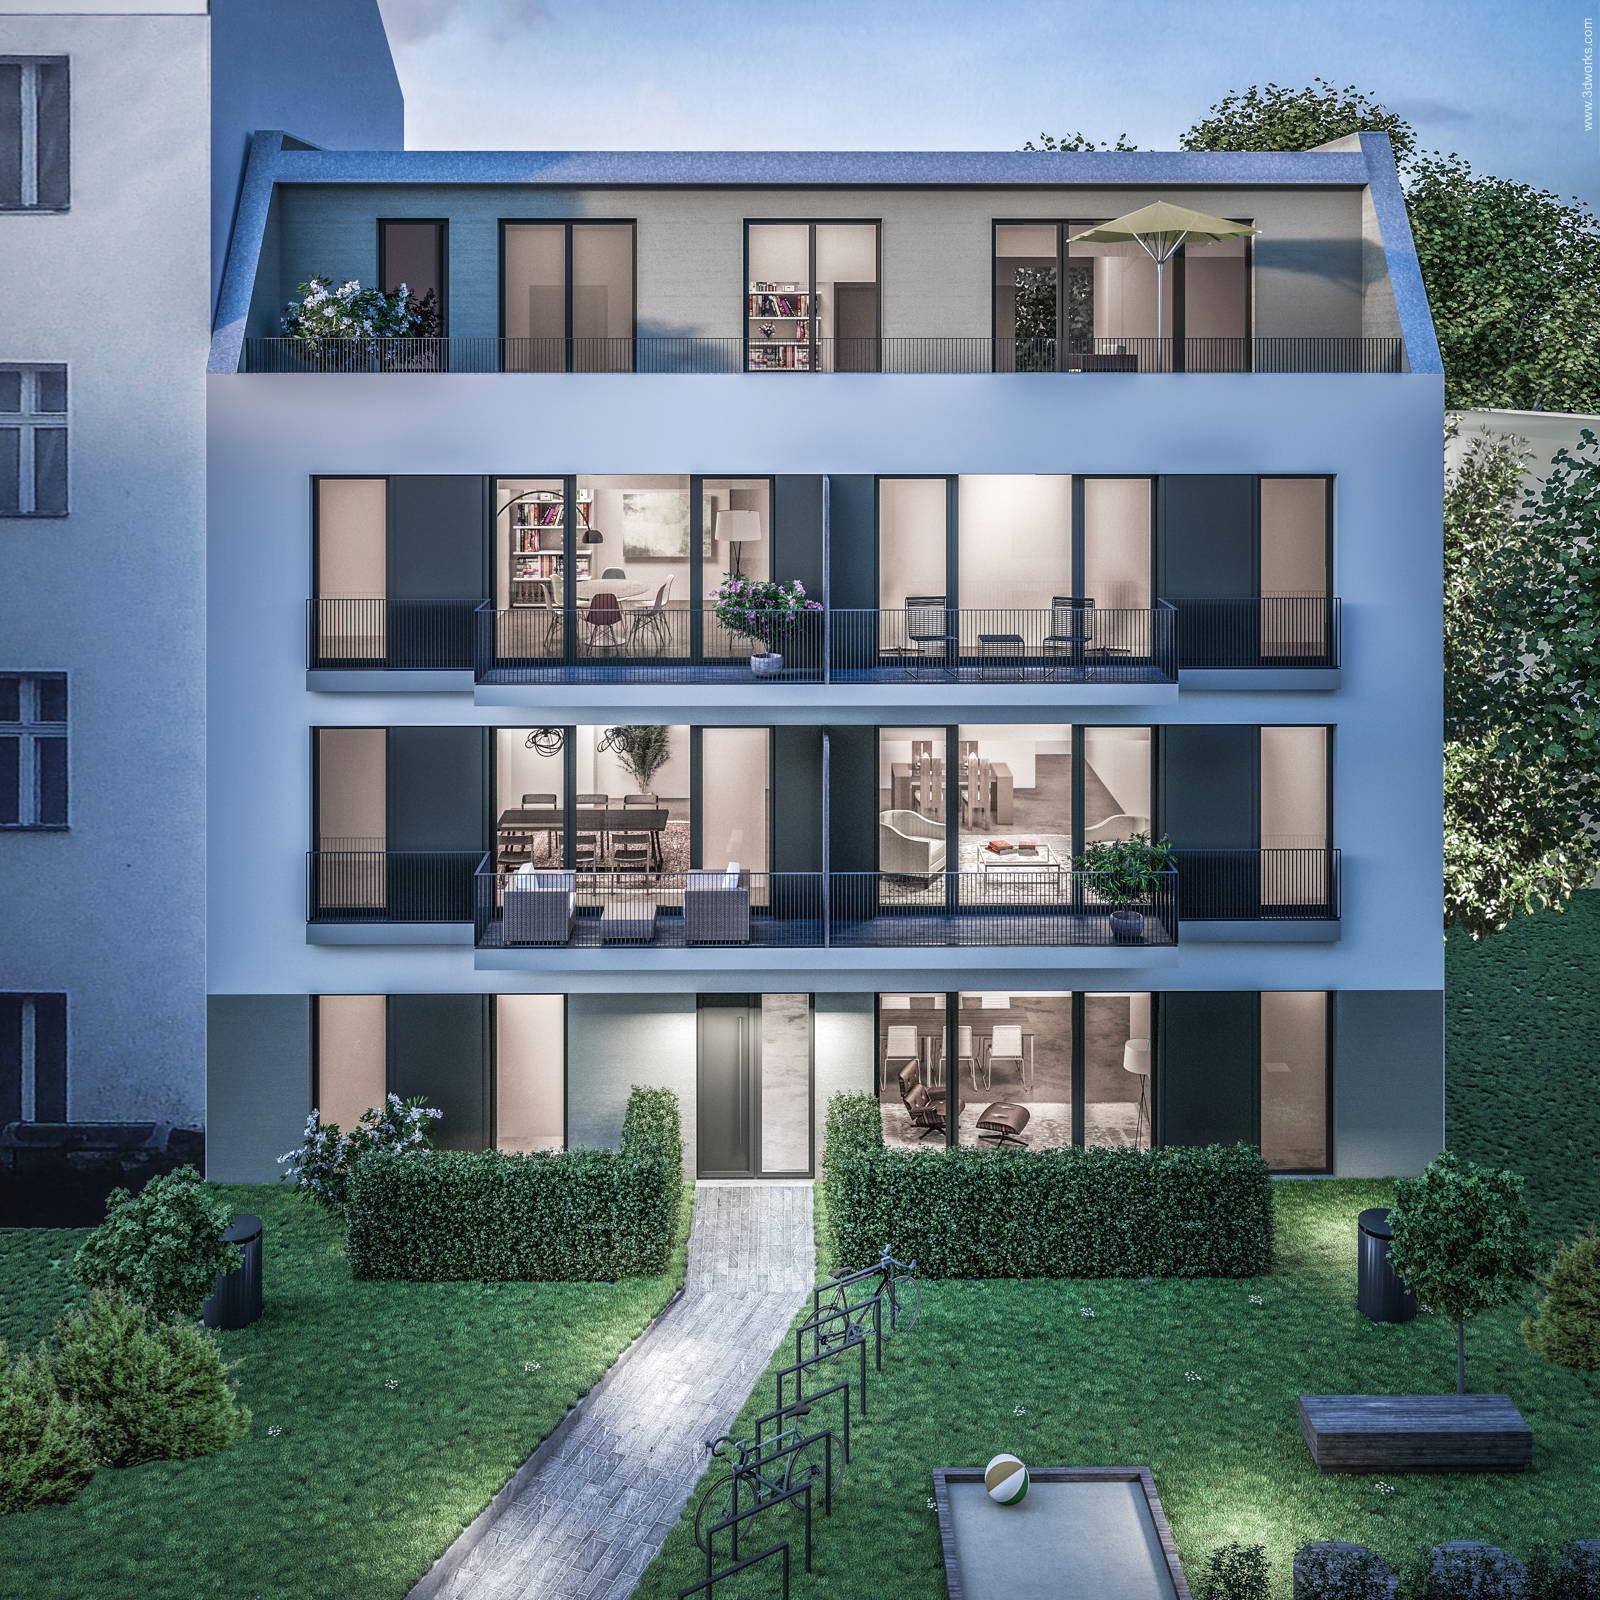 Architekturvisualisierung eines Bauvorhabens in Berlin - Kai Schreiber Architekt